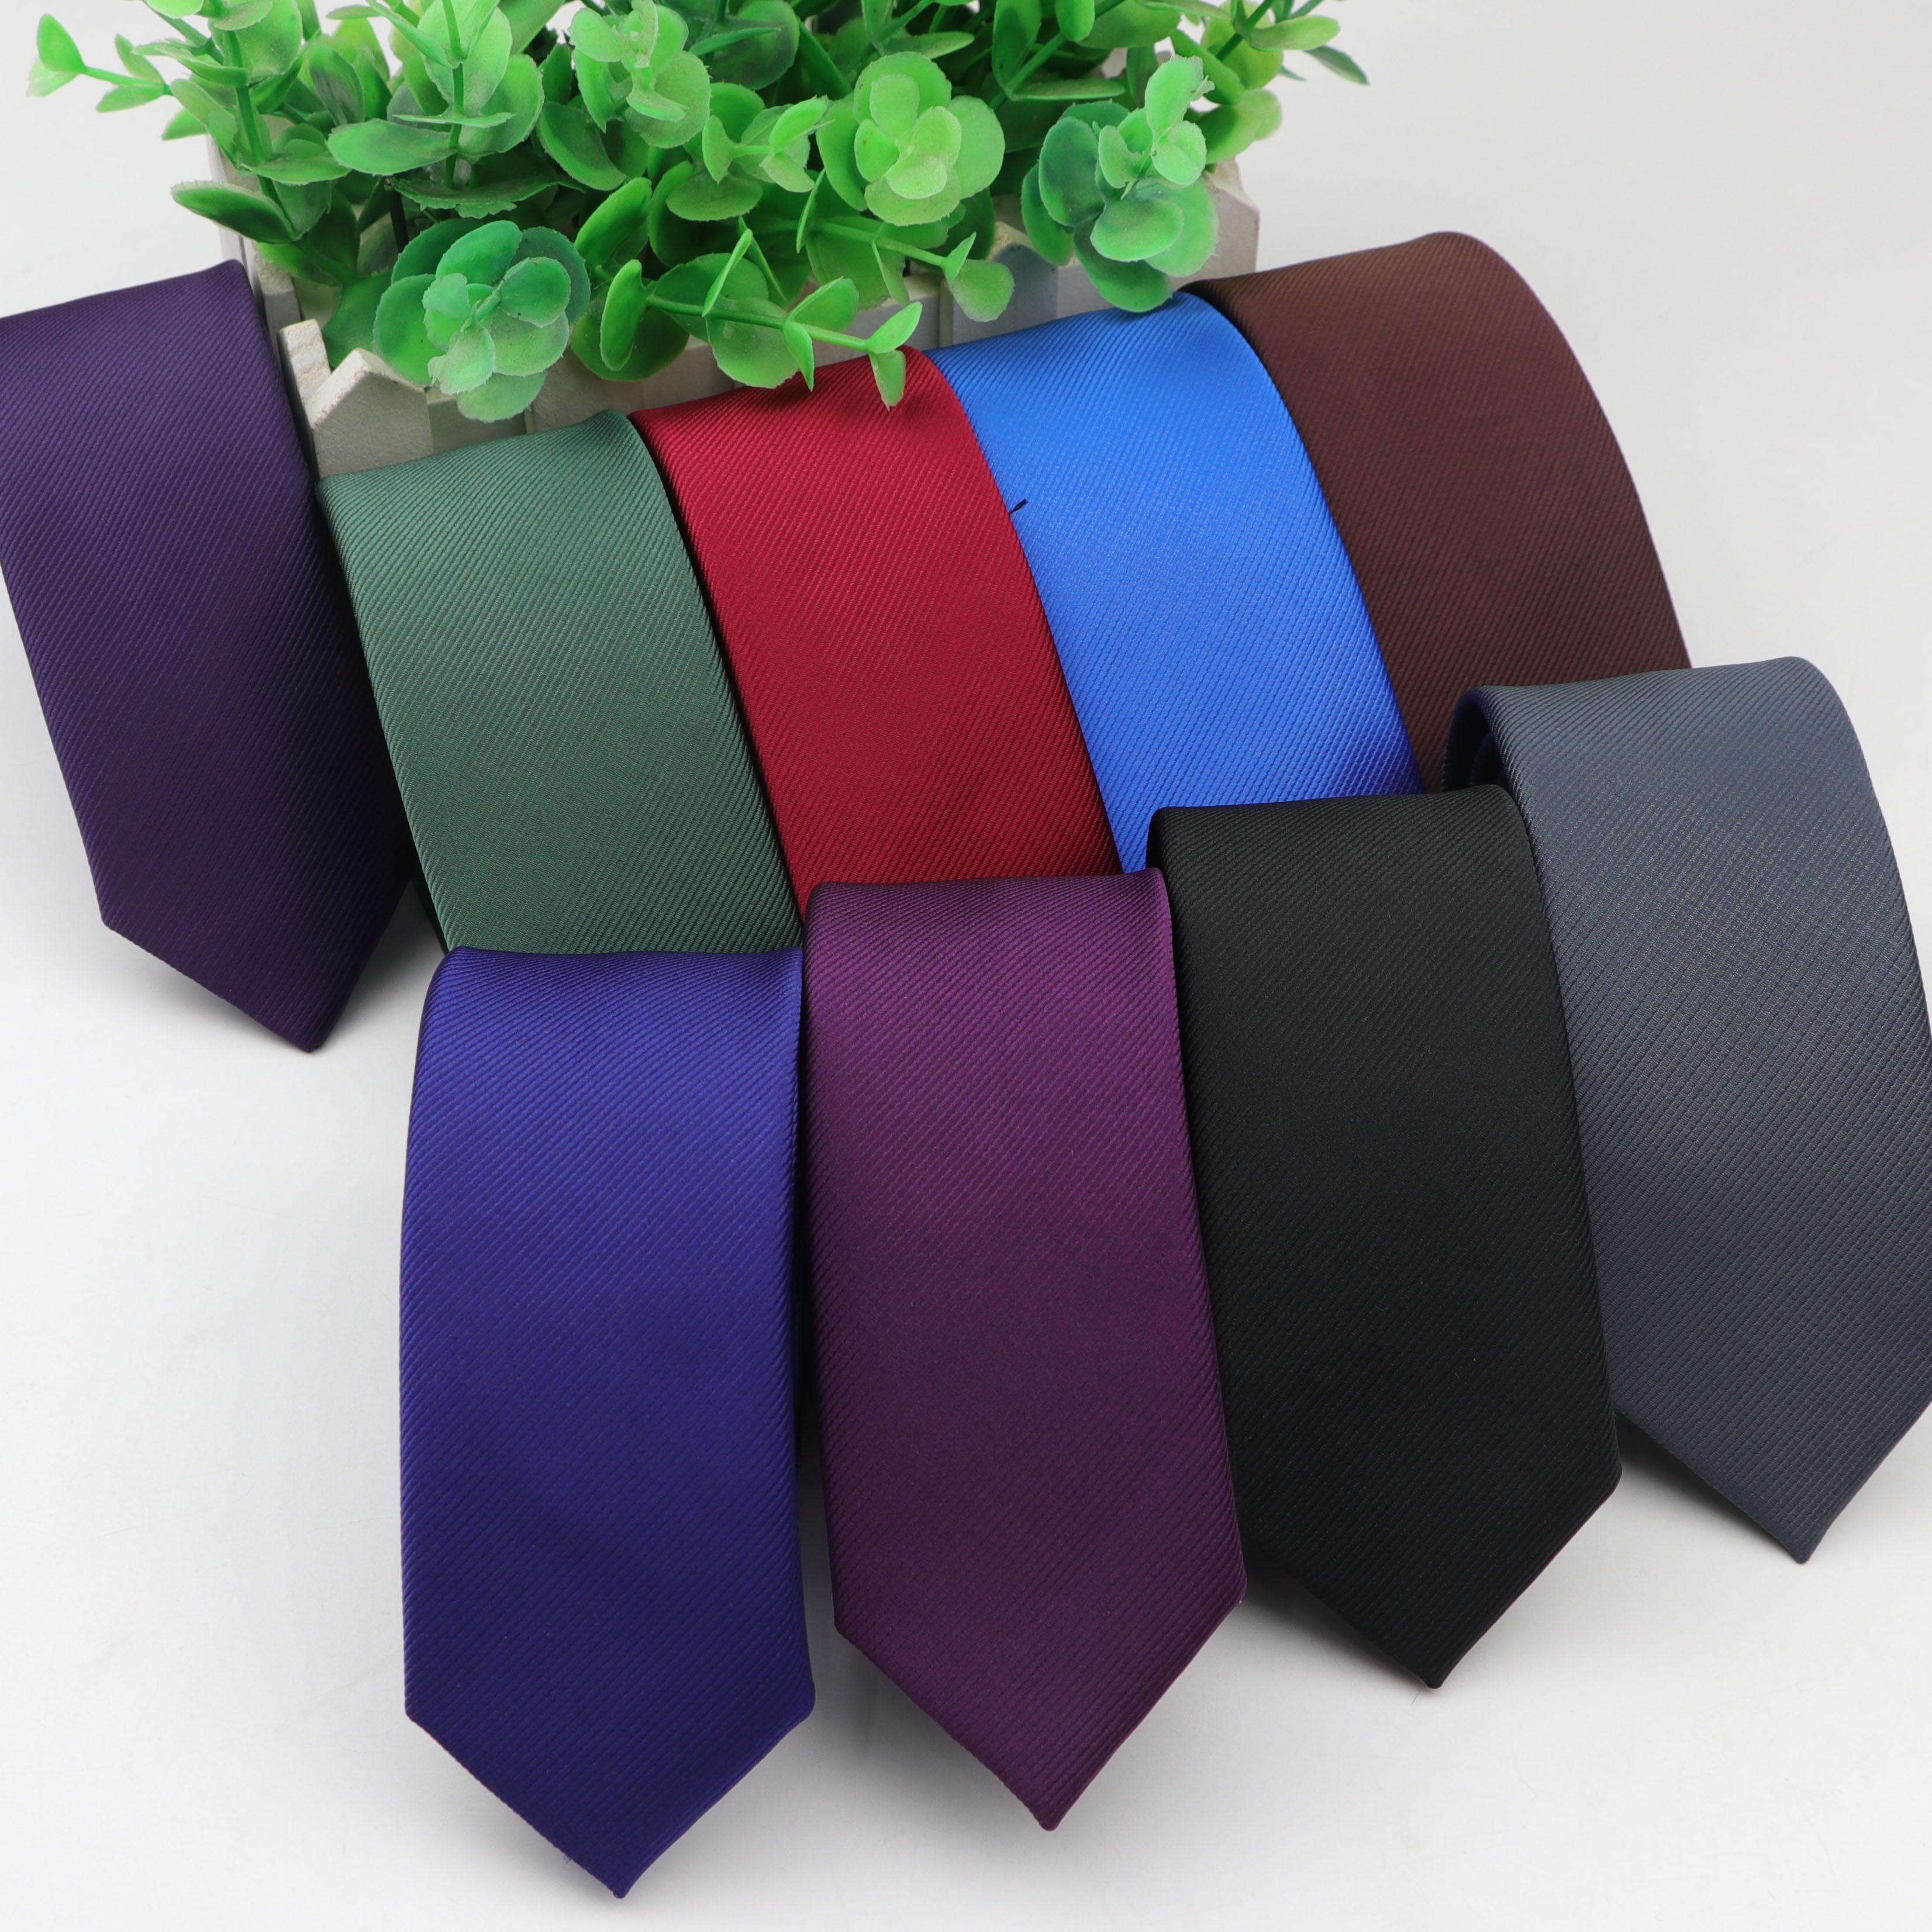 Hight Quality 1200 Needles Necktie 5cm Width Solid Color Ties Gentleman Narrow Men Polyester Gravata Tie Formal Skinny Size